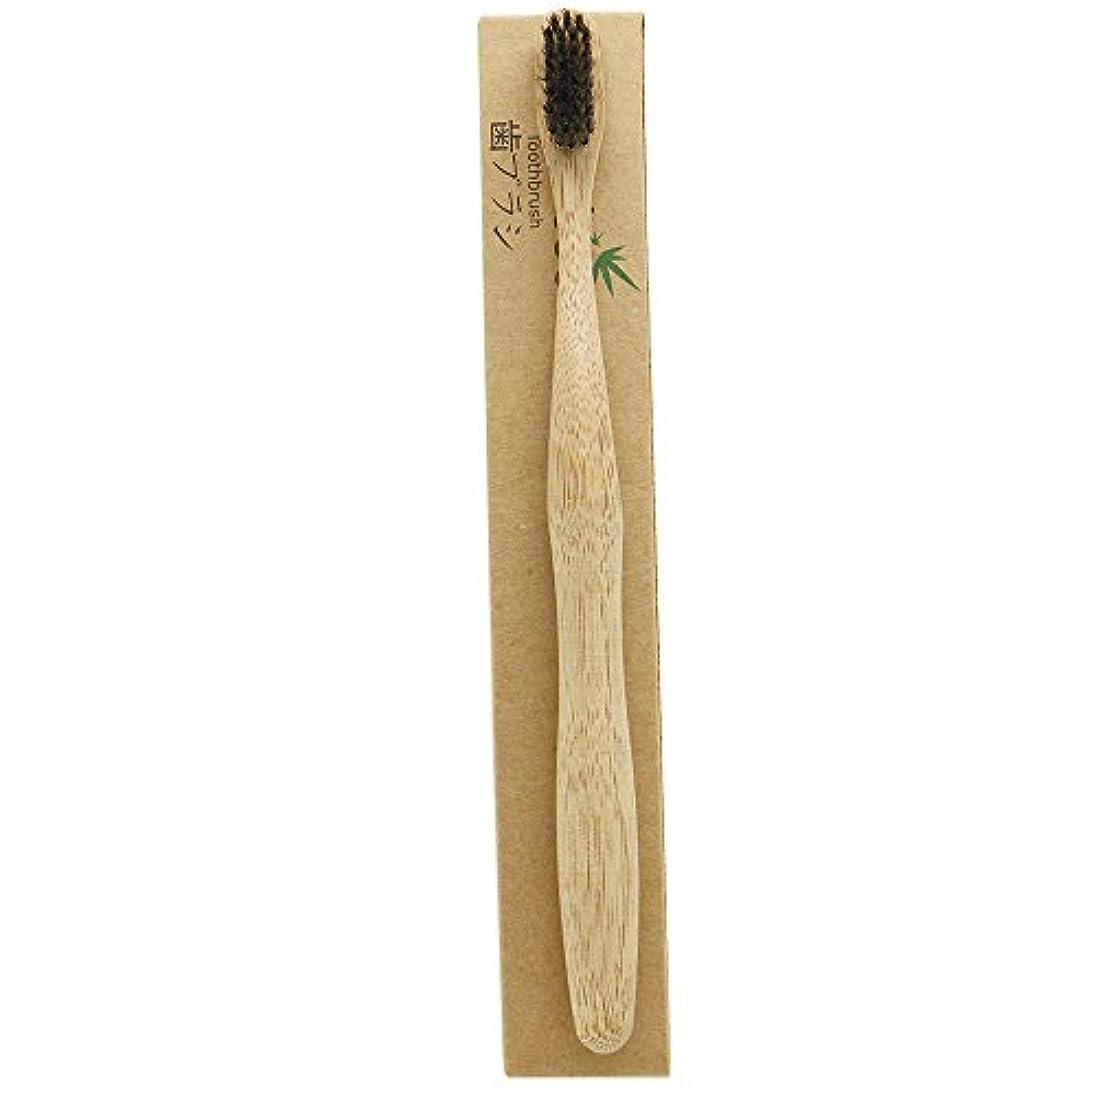 メジャー正直オーバーフローN-amboo 竹製耐久度高い 歯ブラシ 1本入り 黒い ハンドル大きい